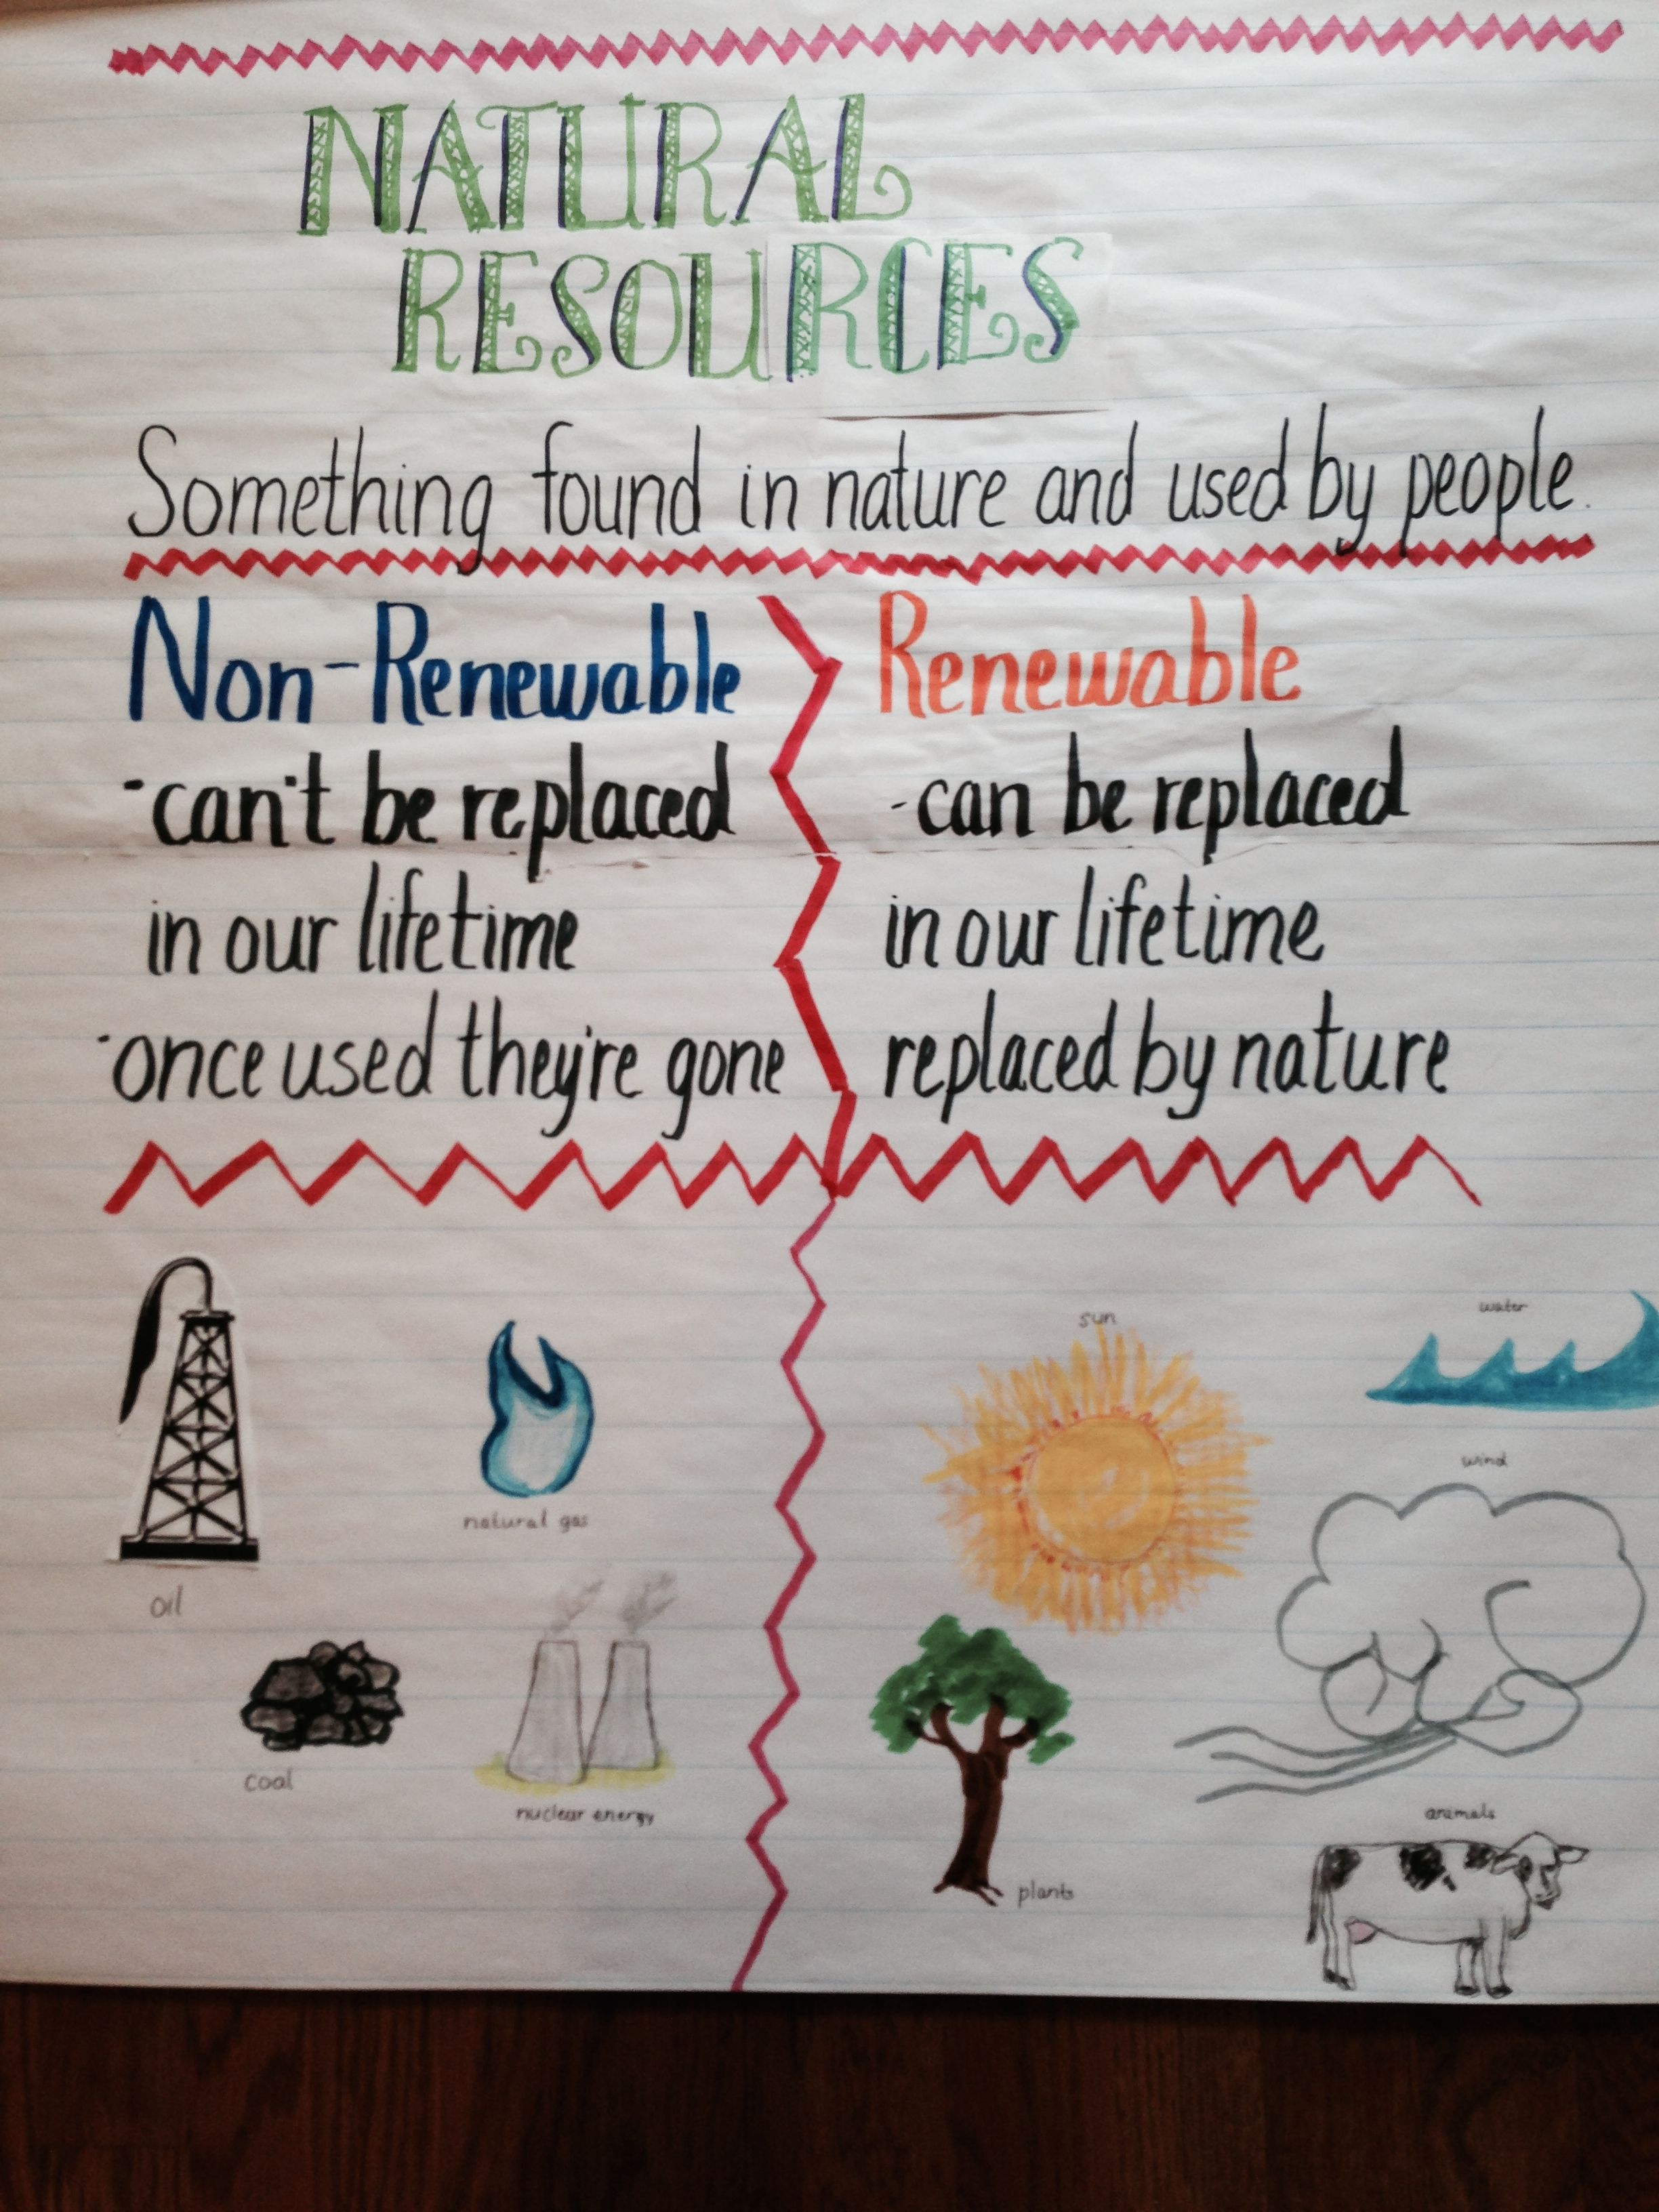 36 Natural resources ideas   nonrenewable resources [ 3264 x 2448 Pixel ]